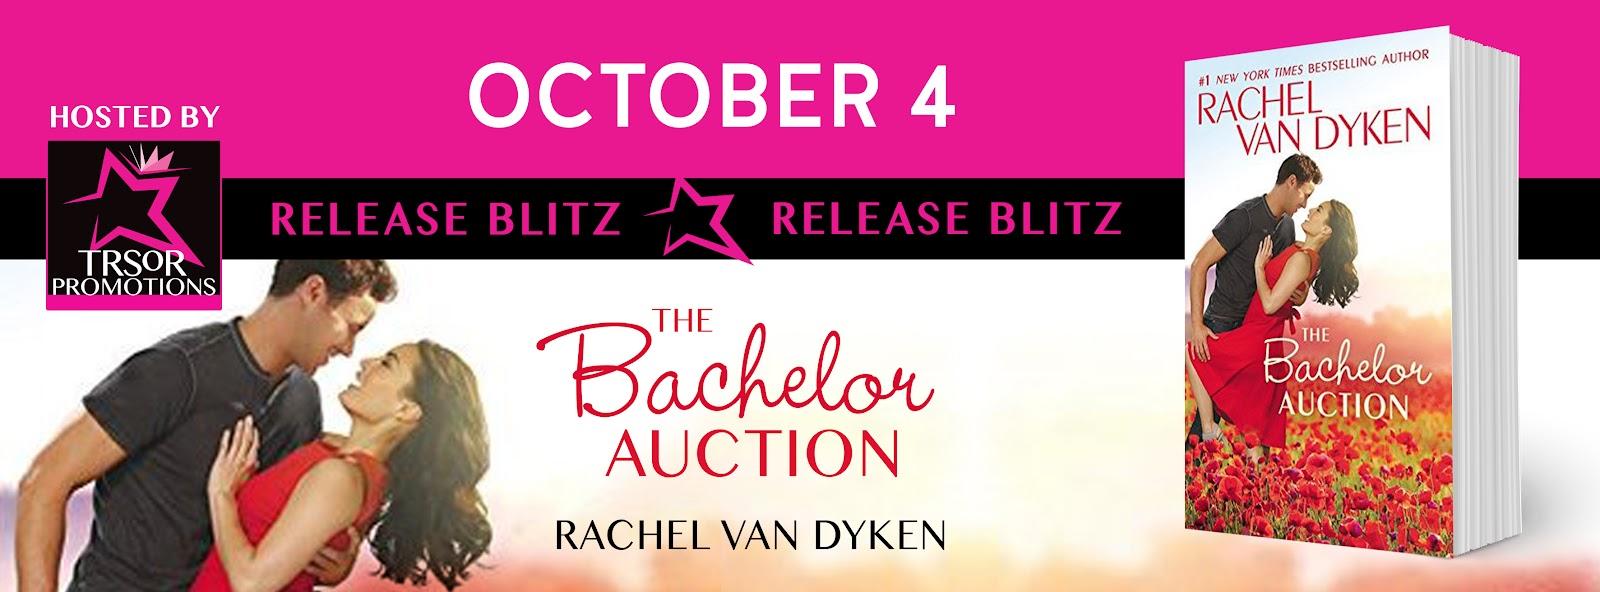 BACHELOR_AUCTION_BLITZ.jpg